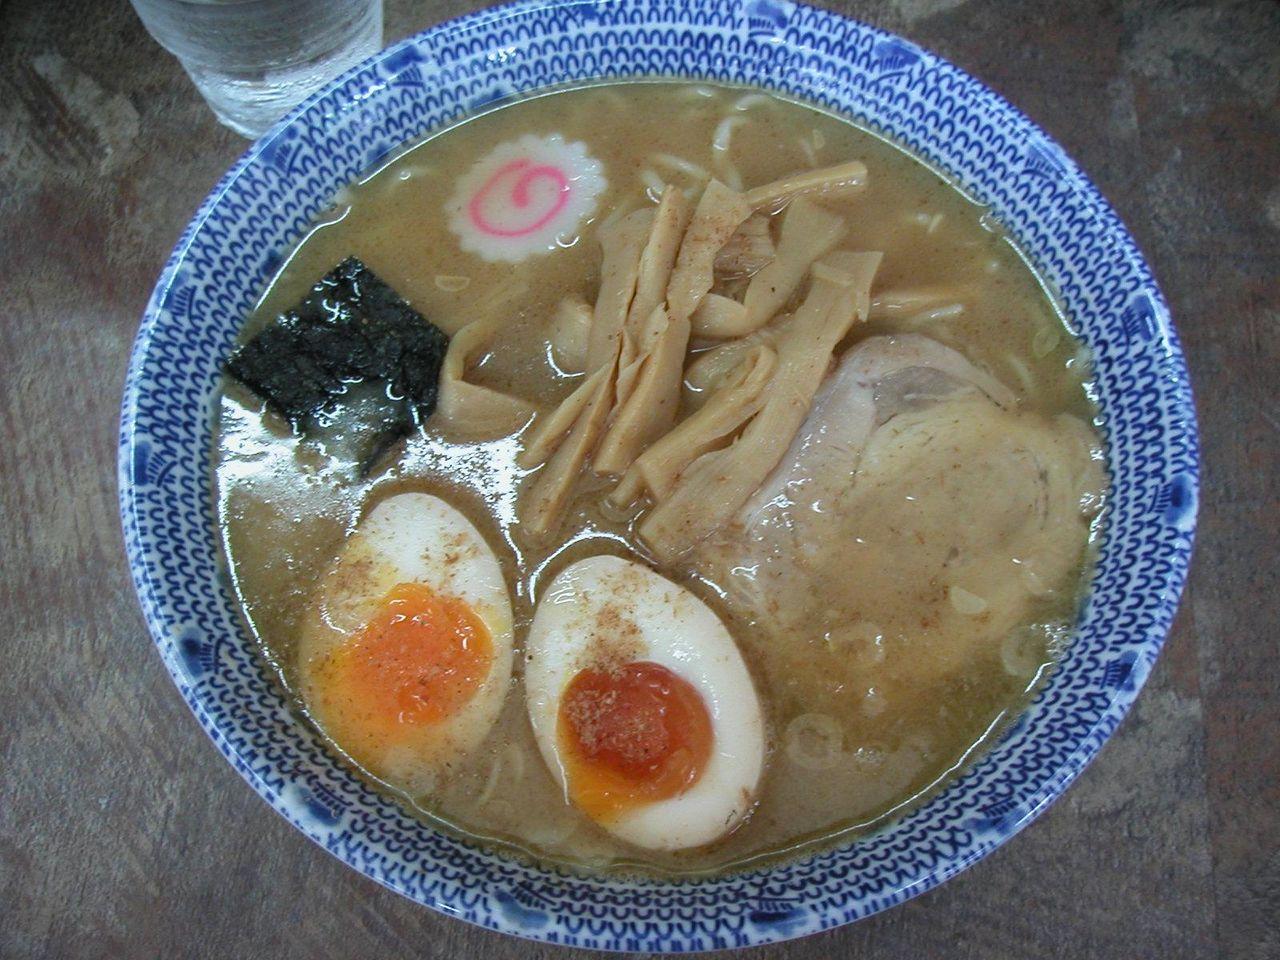 中華そば650円+味玉50円(旧価格)